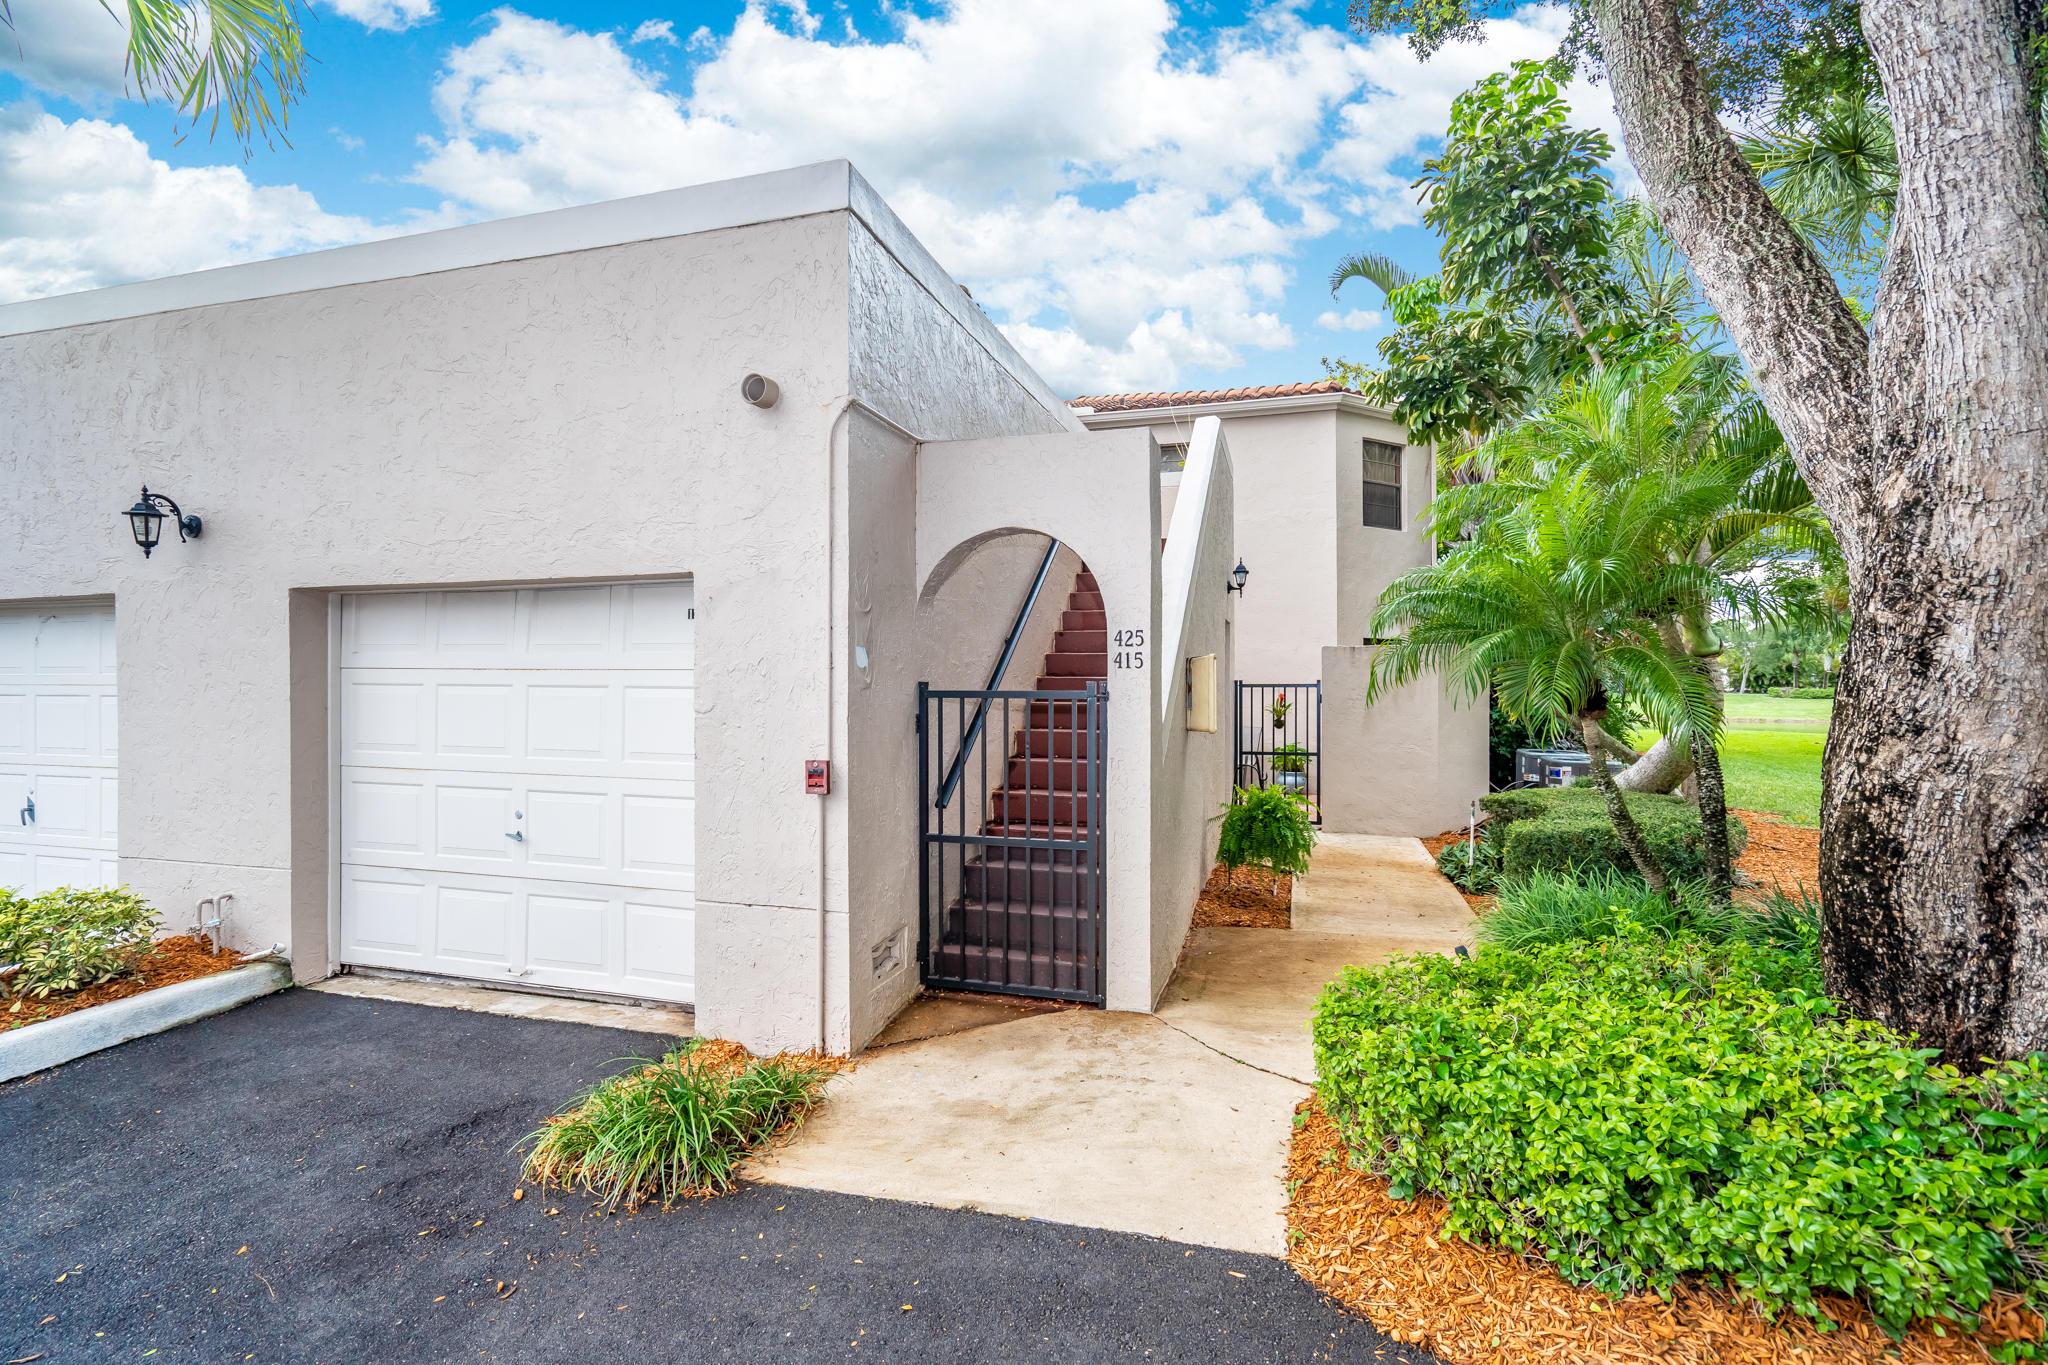 6654 Villa Sonrisa Drive #415 Boca Raton, FL 33433